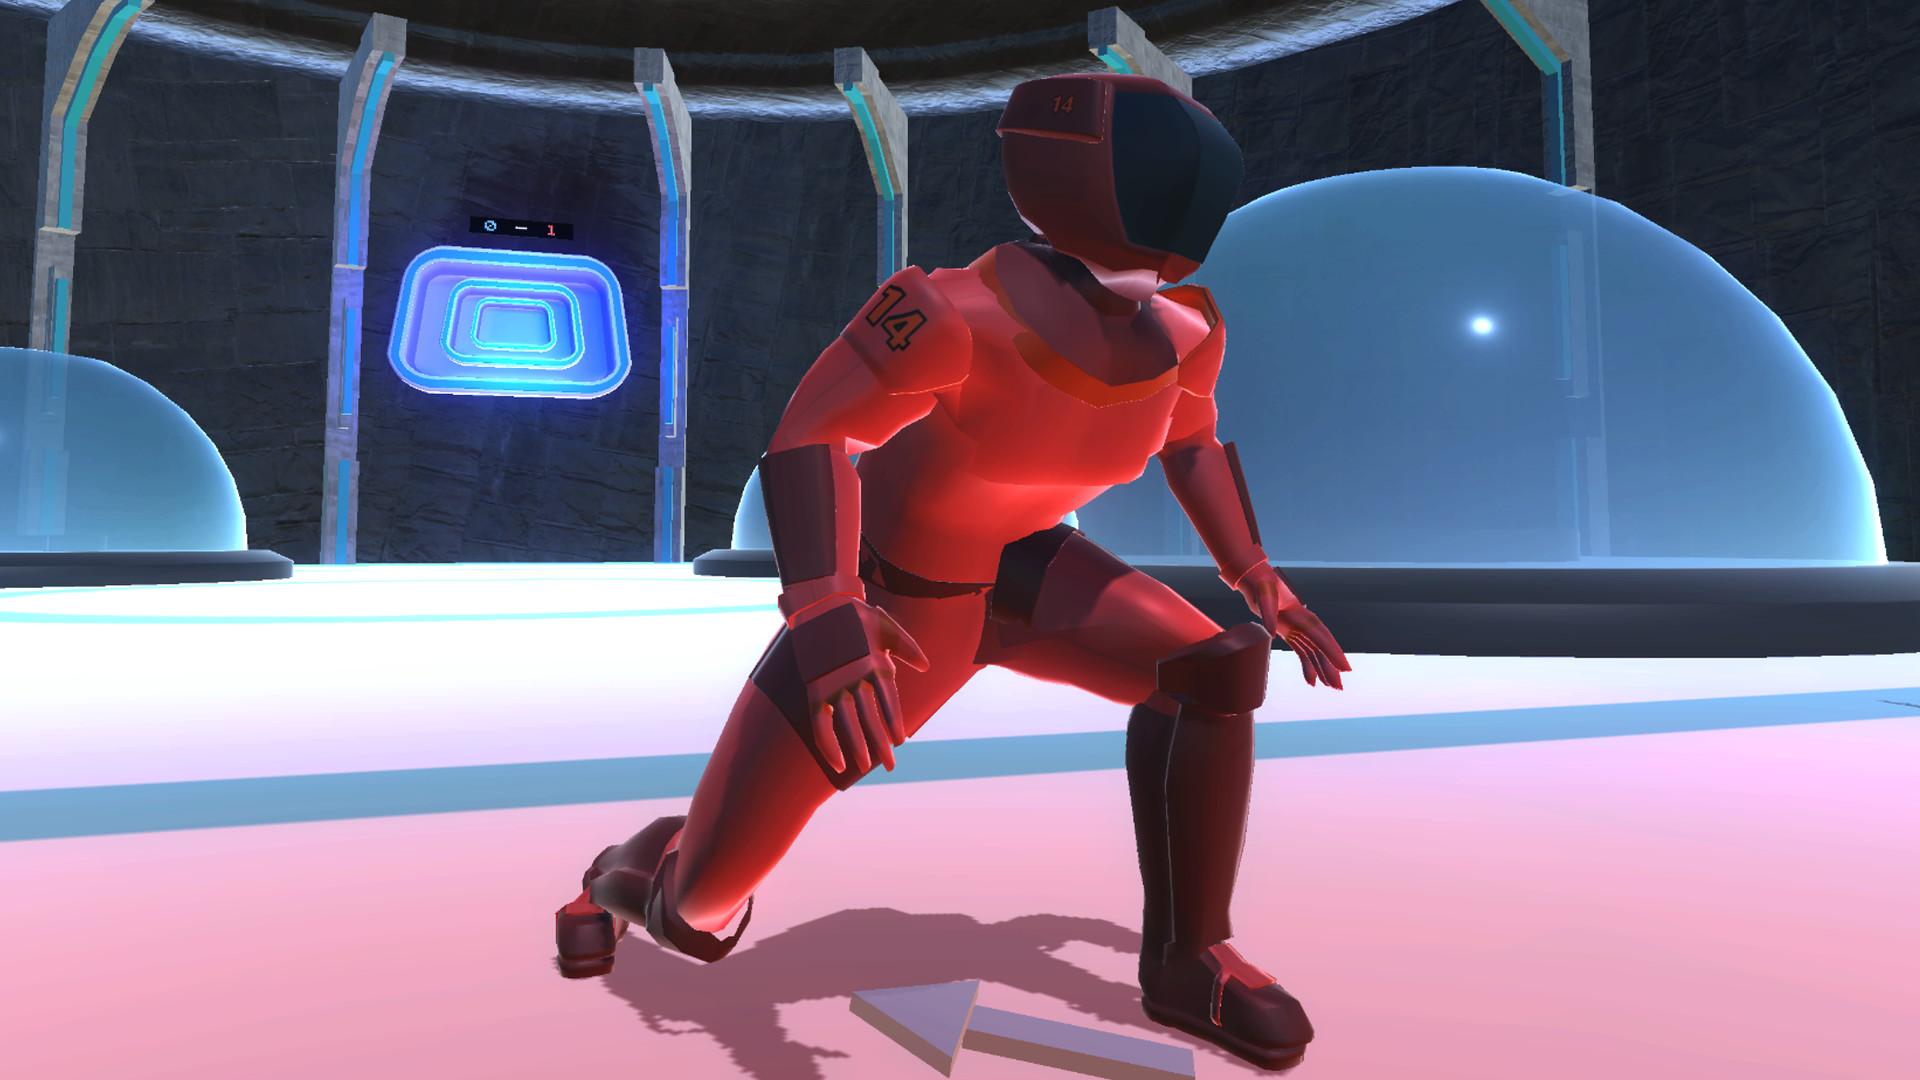 Spaceball! - Imagem 1 do software